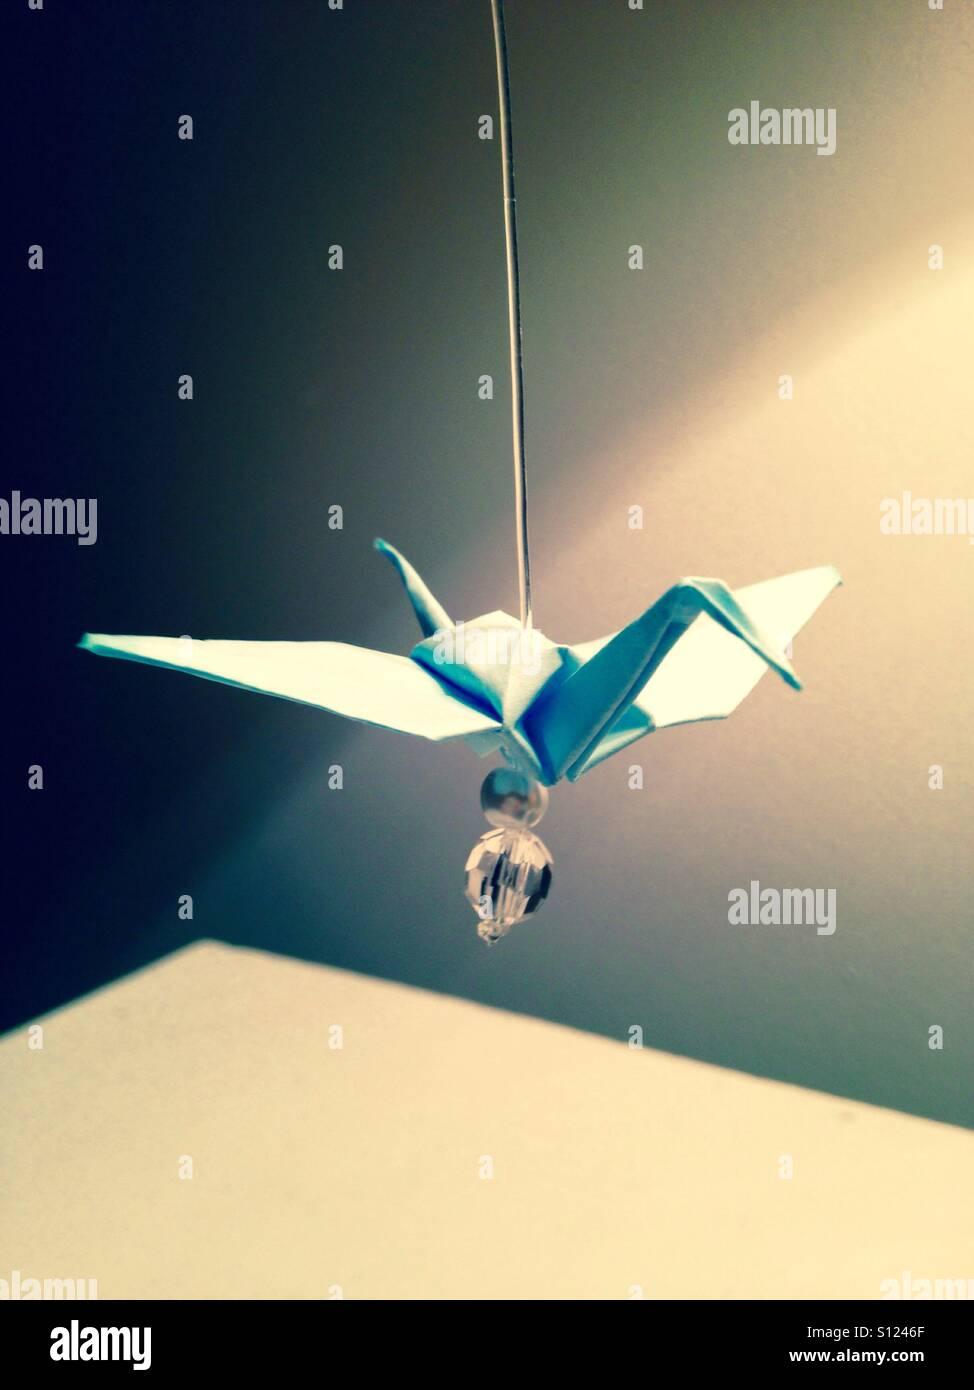 Blaues Papier Origami-Kranich mit Wulst. Stockbild